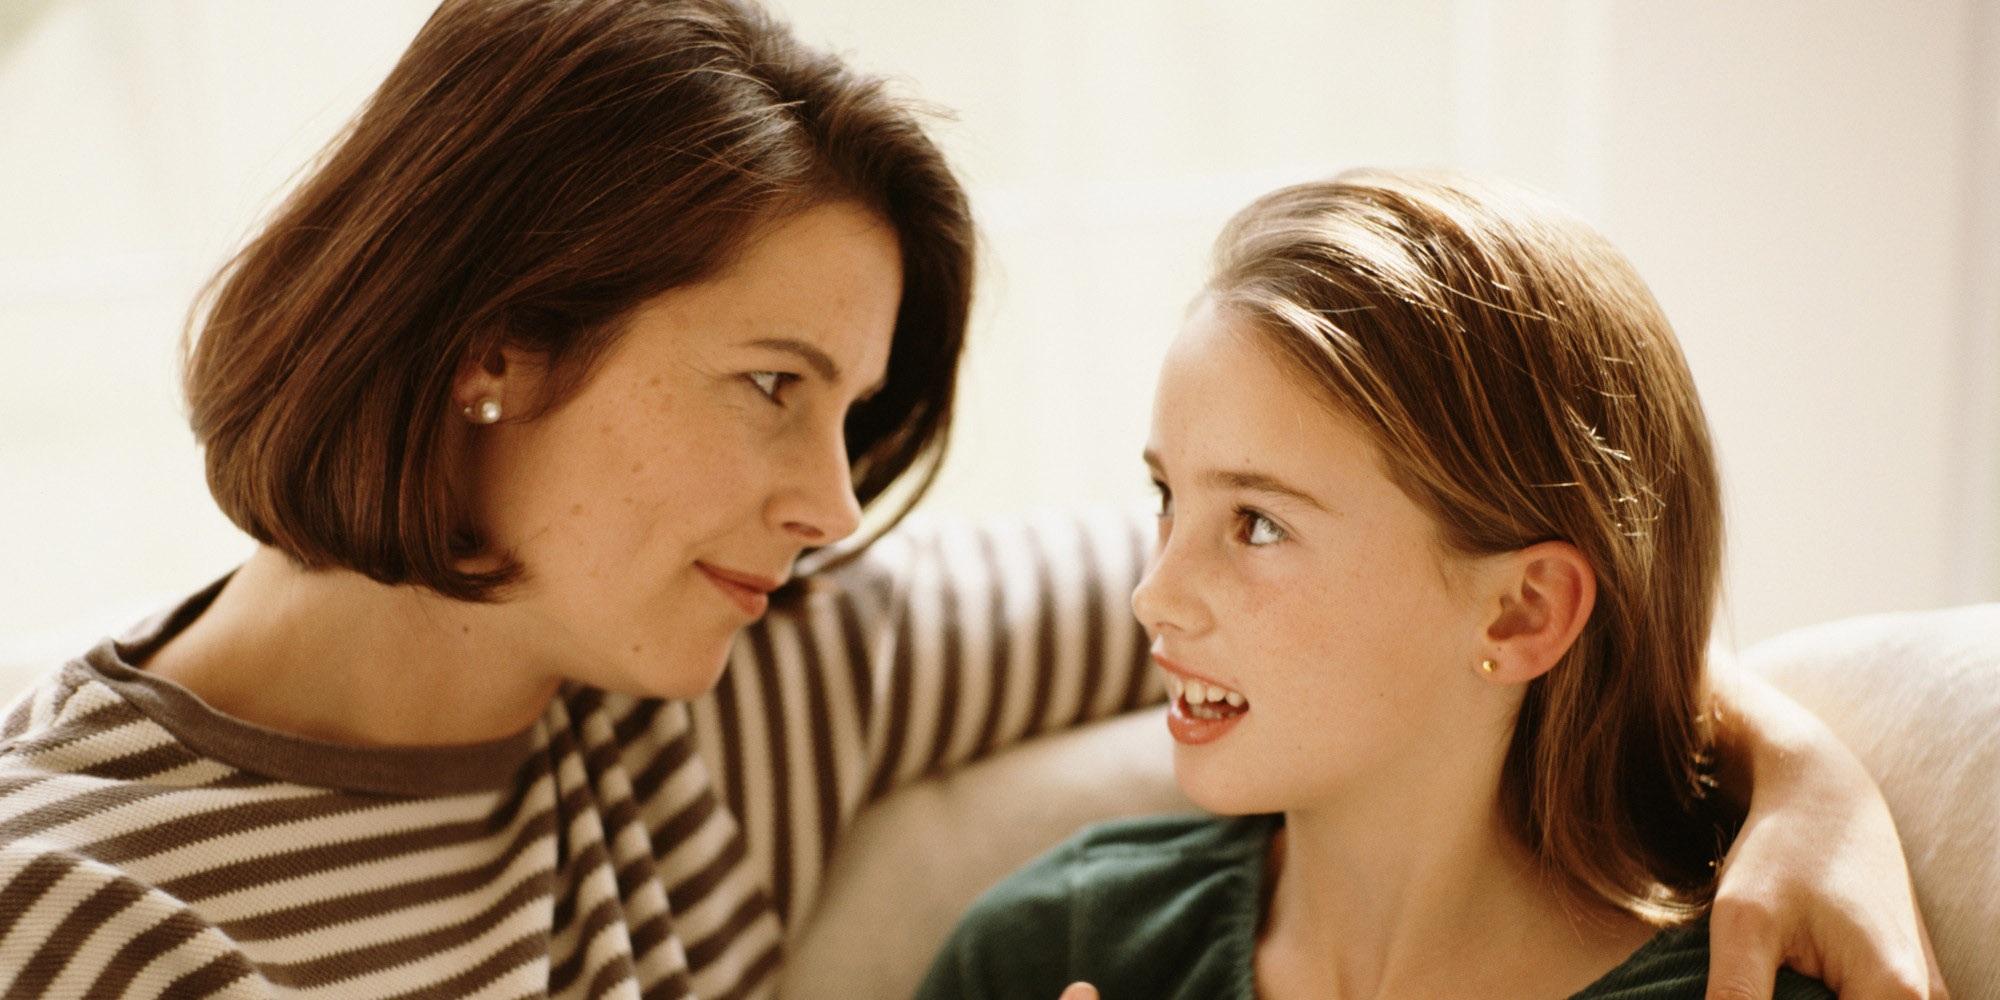 Dạy con tuổi dậy thì: 4 lý do khiến các con không thích cách giải quyết của cha mẹ - Ảnh 1